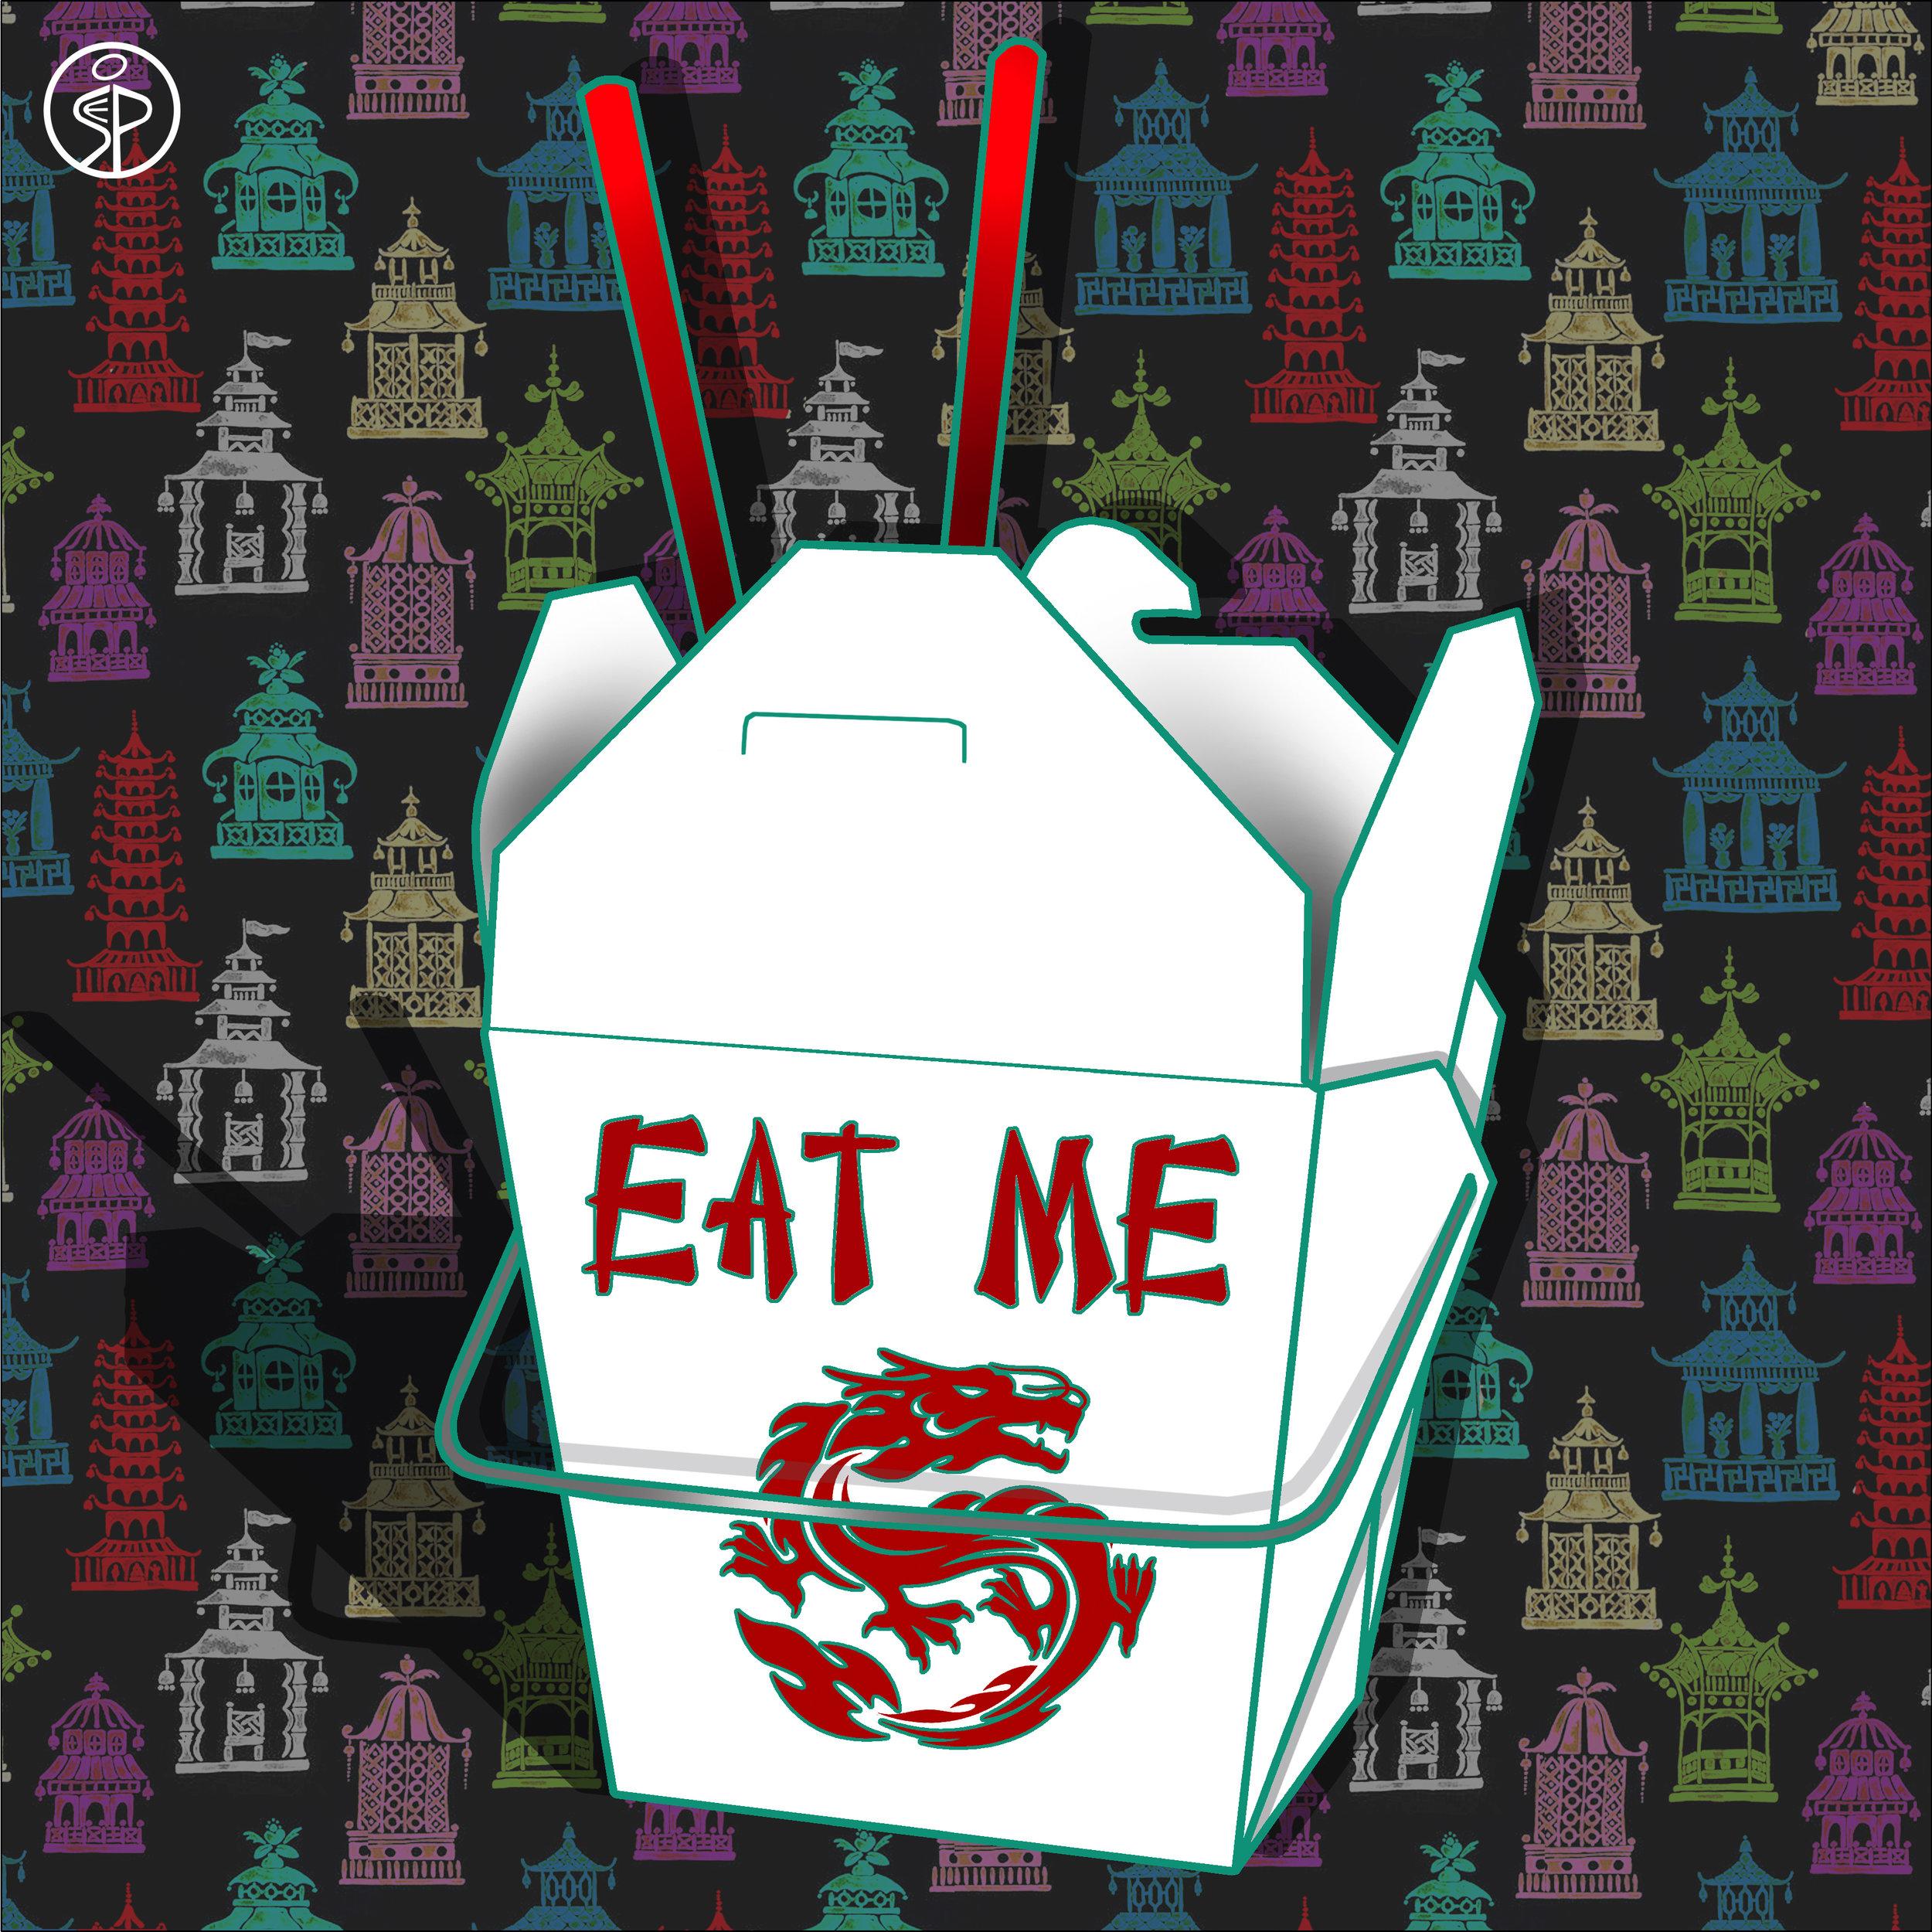 EatMe copy.jpg